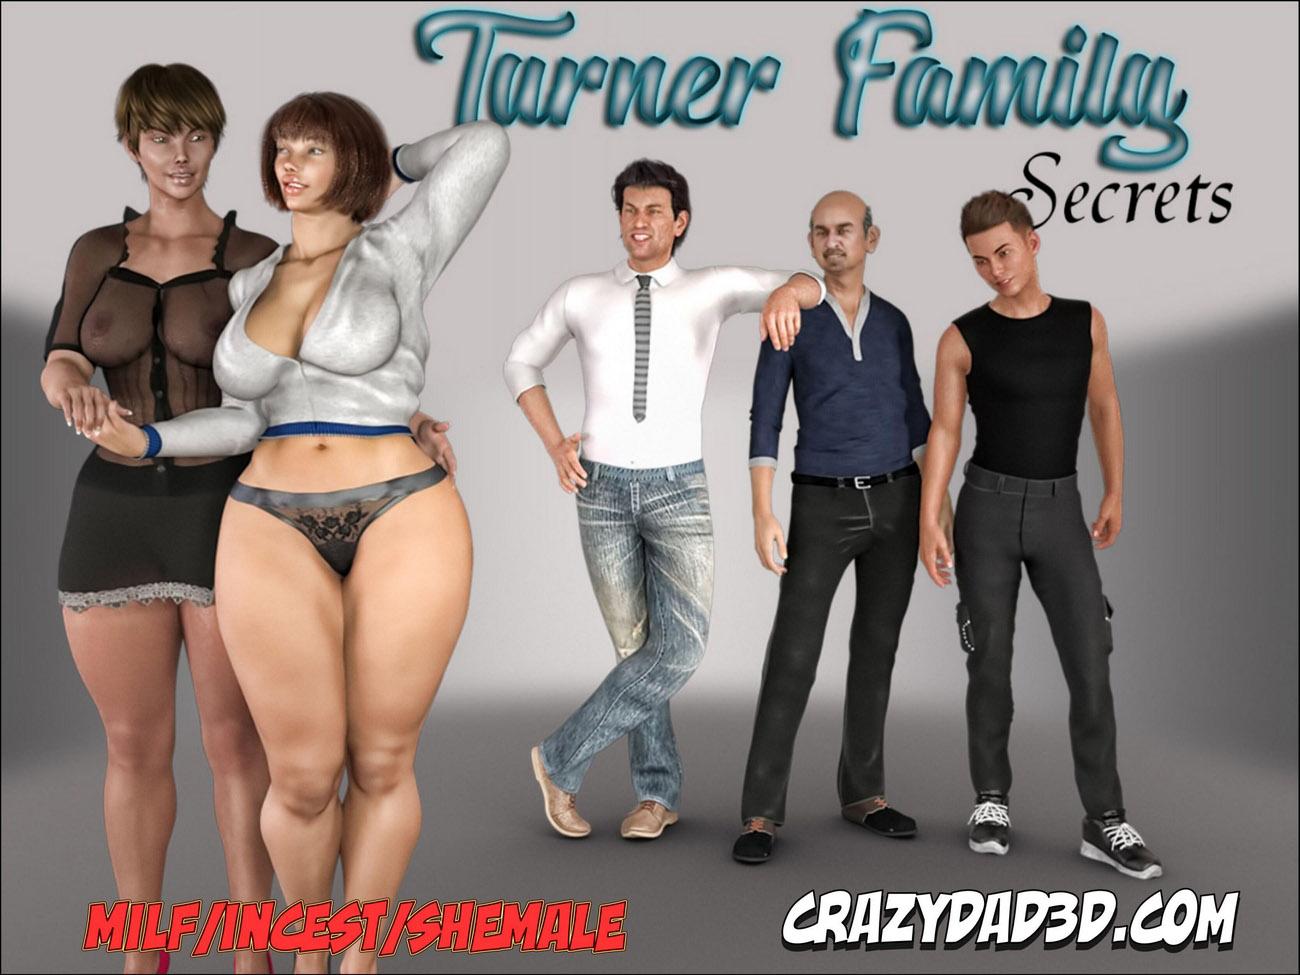 Turner FAMILY SECRETS parte 1